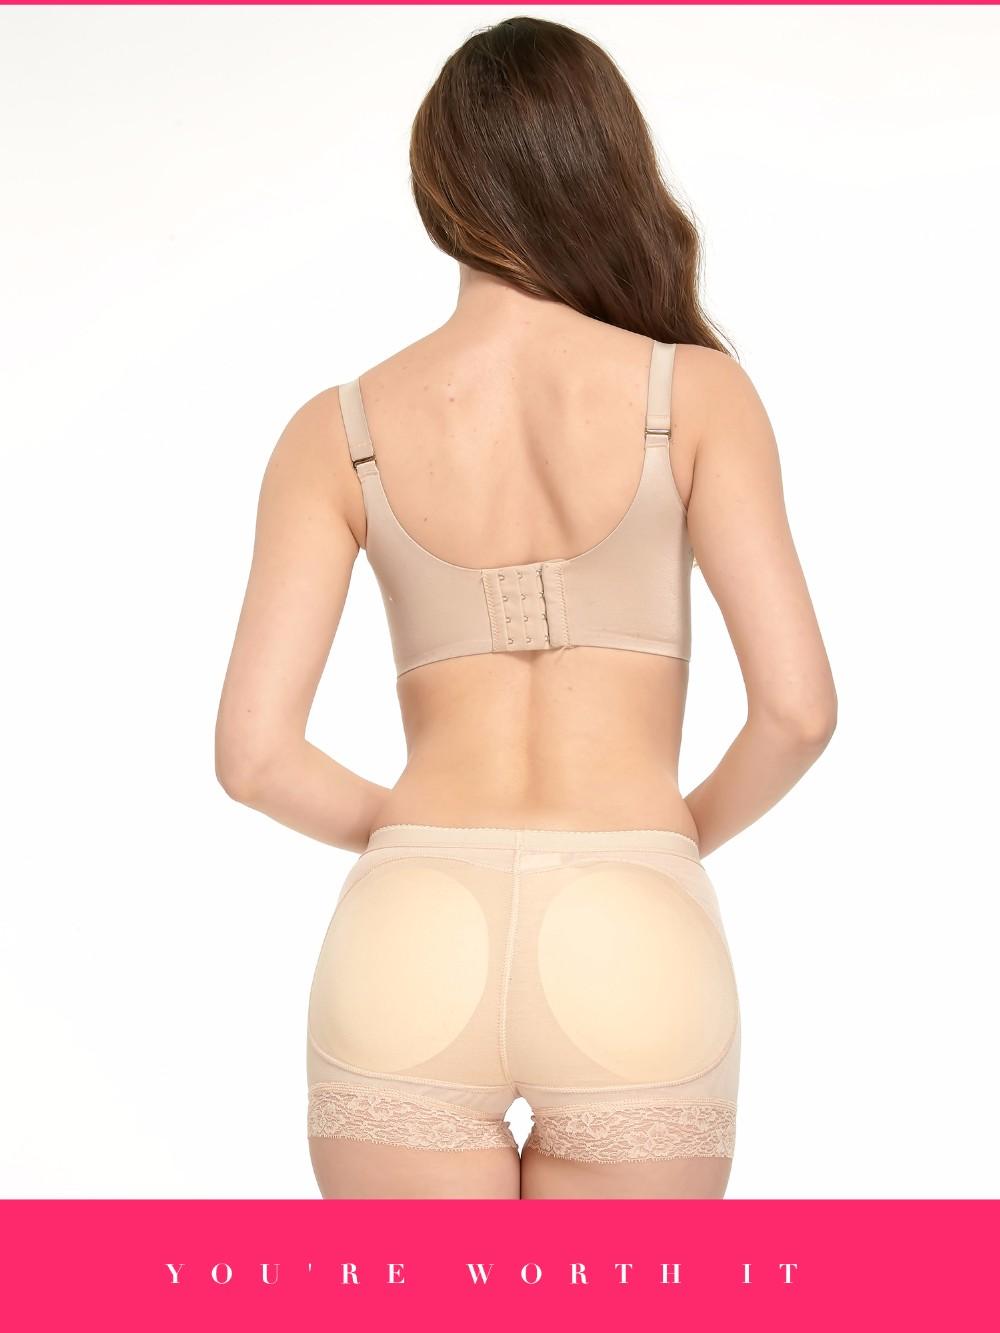 Istmikku suurendavad aluspüksid